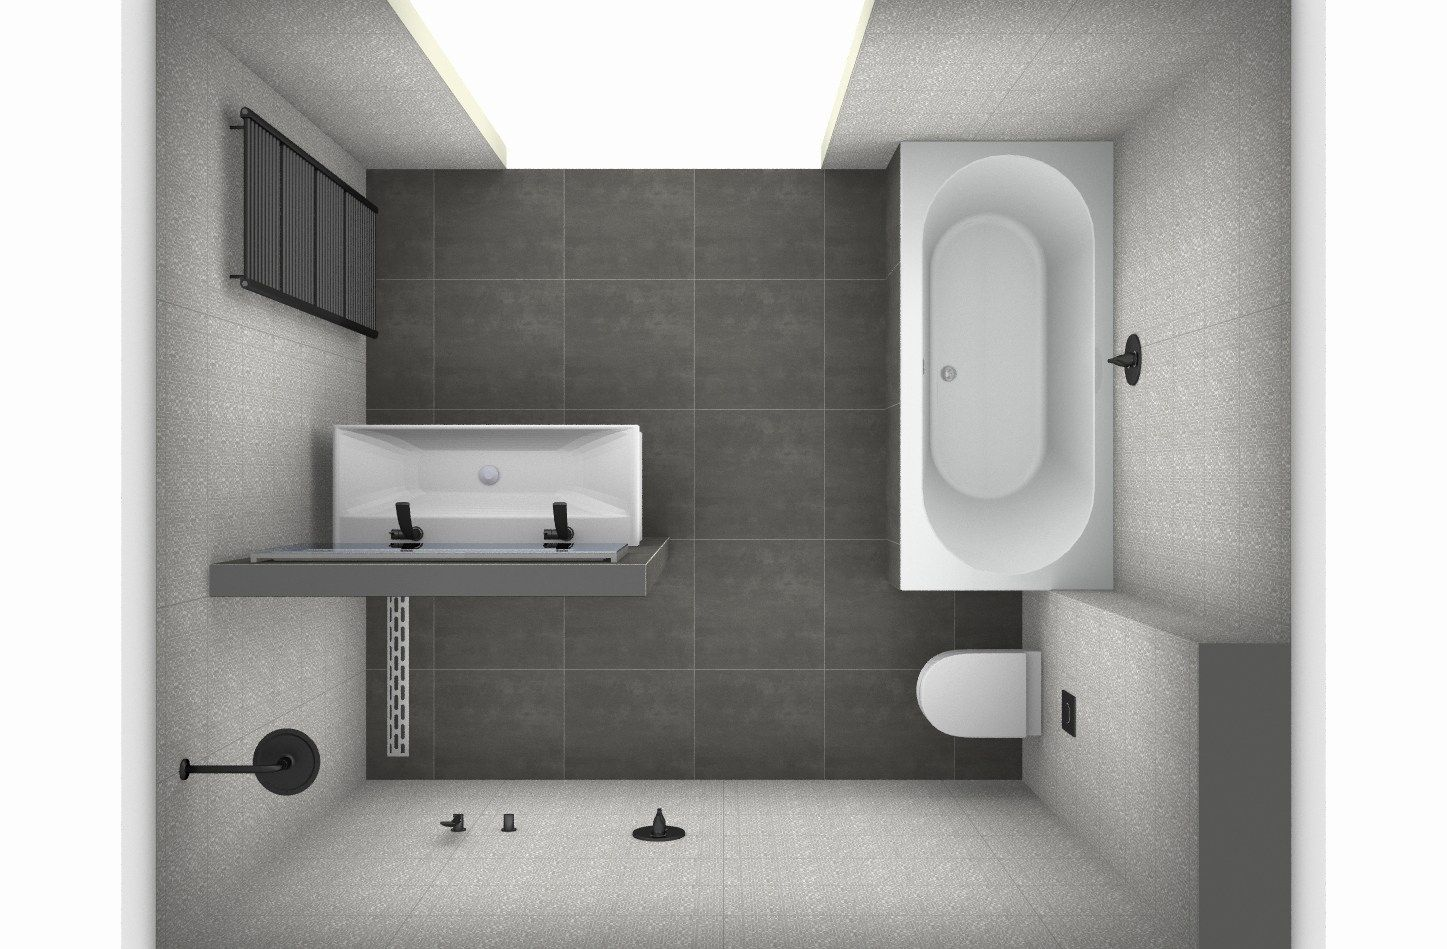 「gemauerte dusche ohne glas」の画像検索結果 Badgestaltung, Luxus